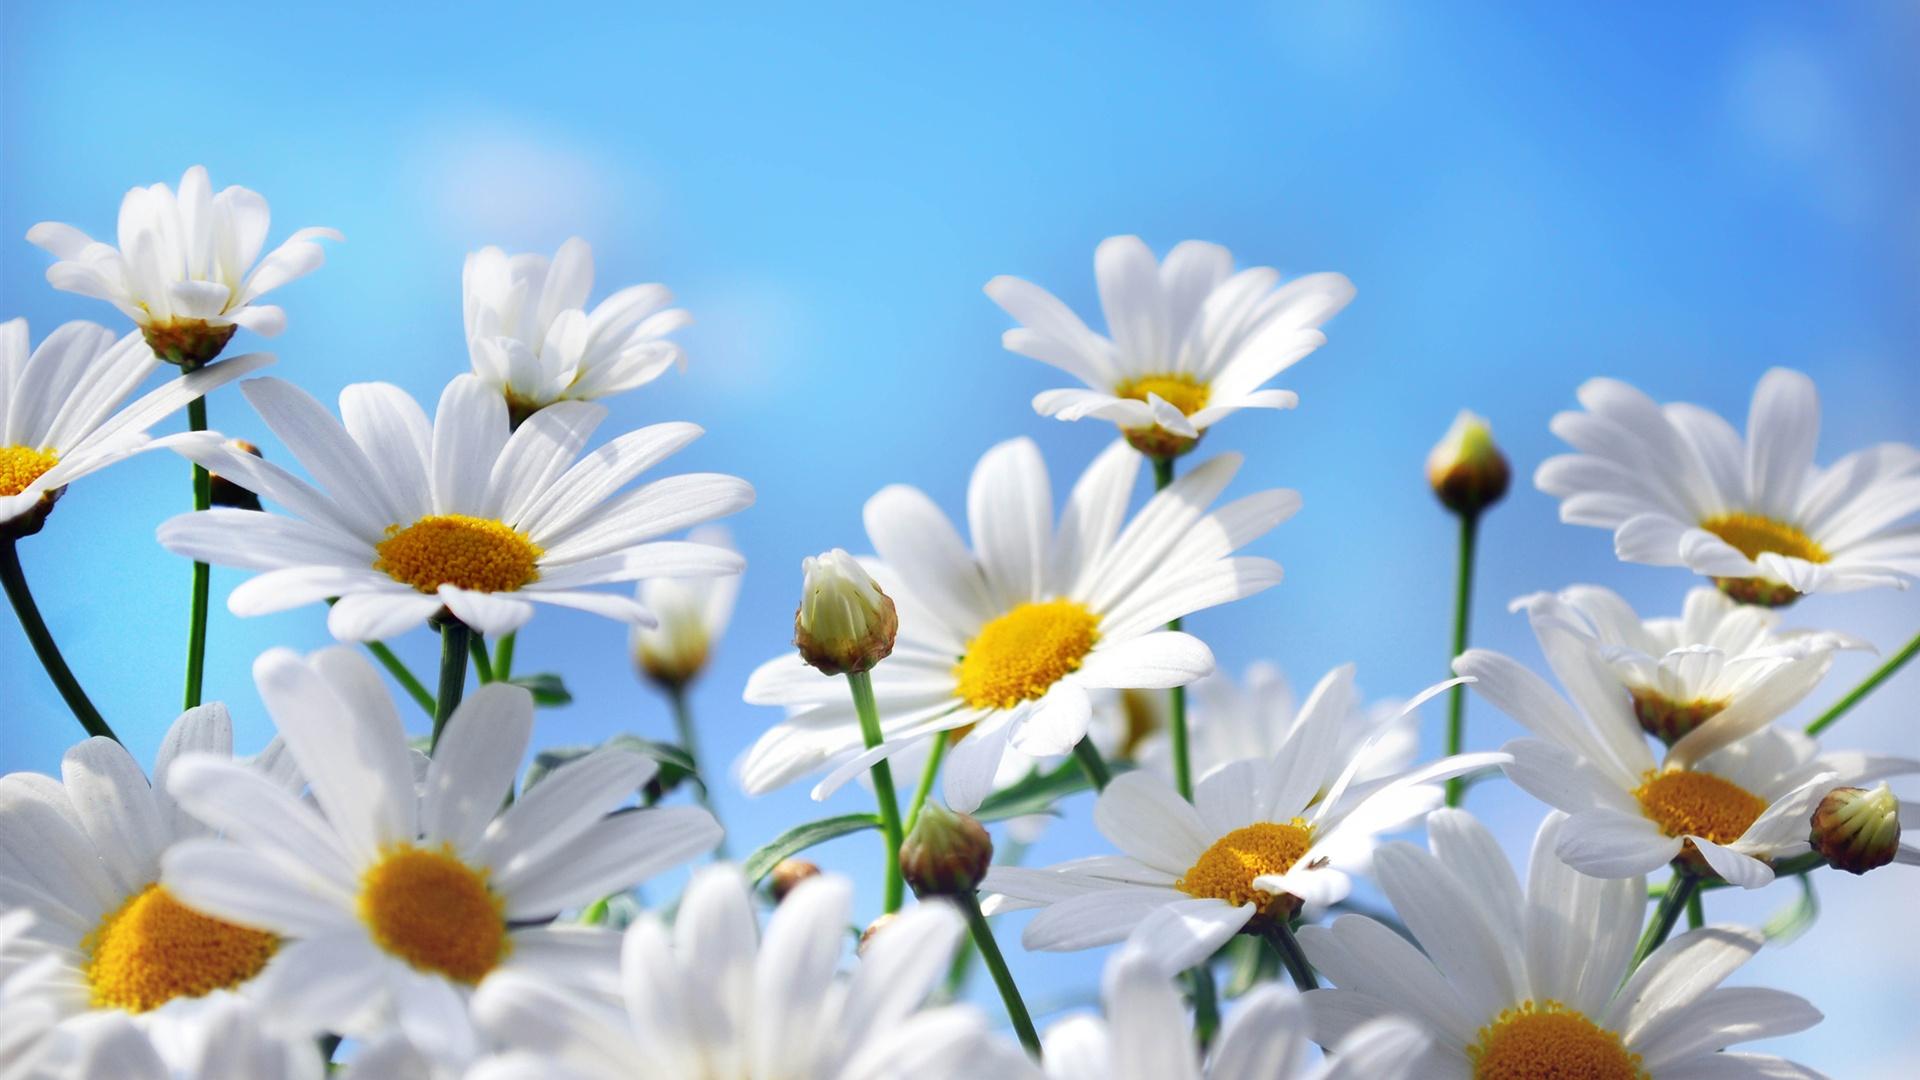 自然の花の写真撮影 ヒナギク 花弁 青空 Pc壁紙 オトナ女子